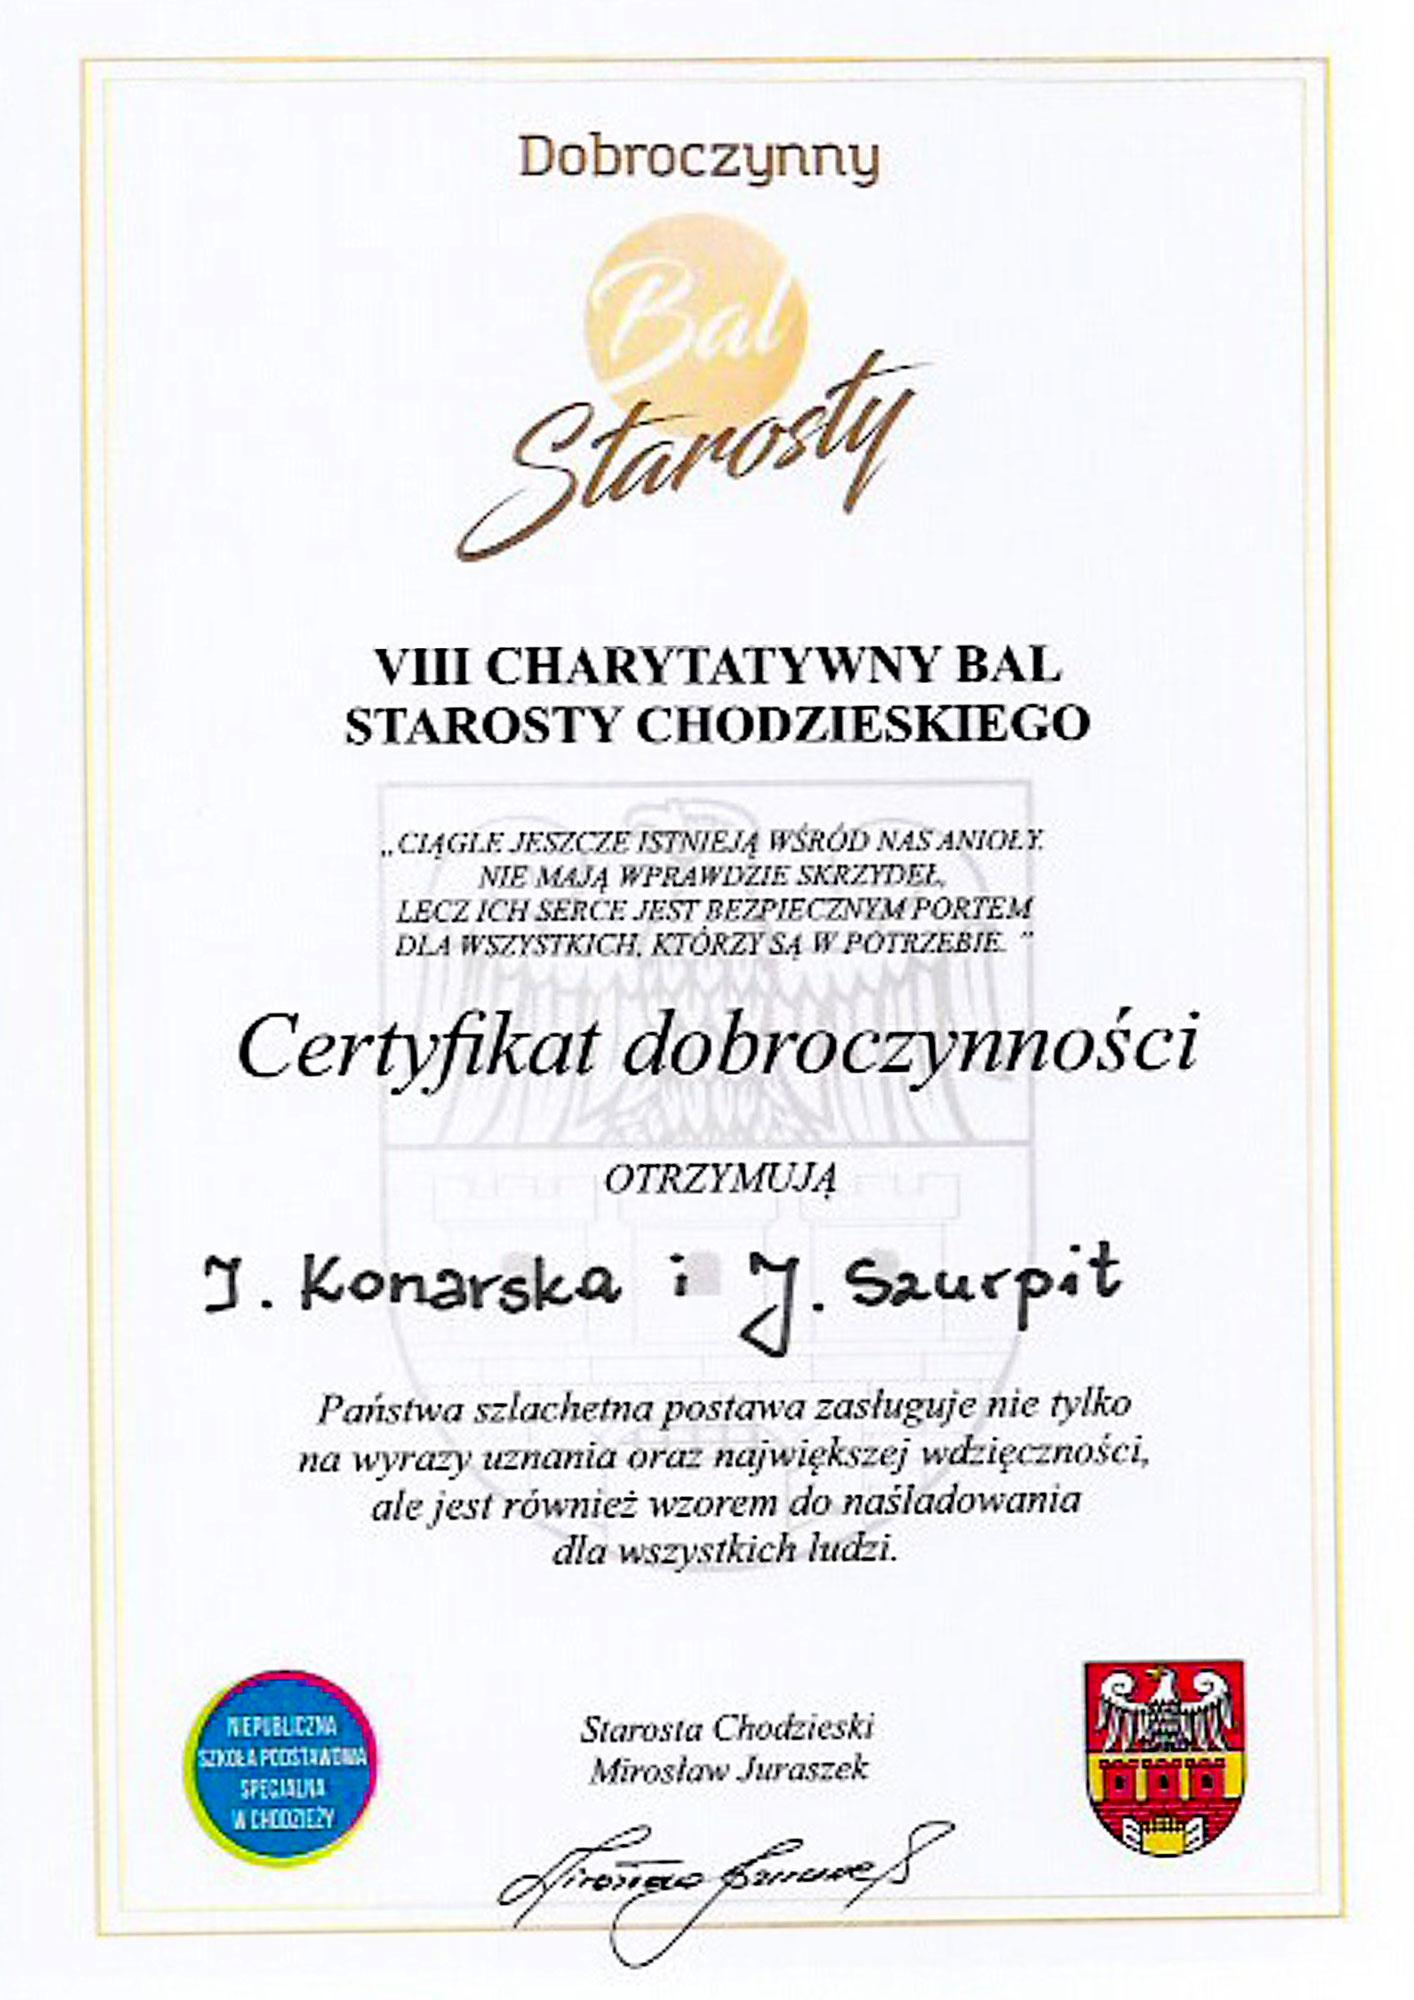 Firma NEO INVEST fundatorem nagród VIII Charytatywnego Balu Starosty Chodzieskiego